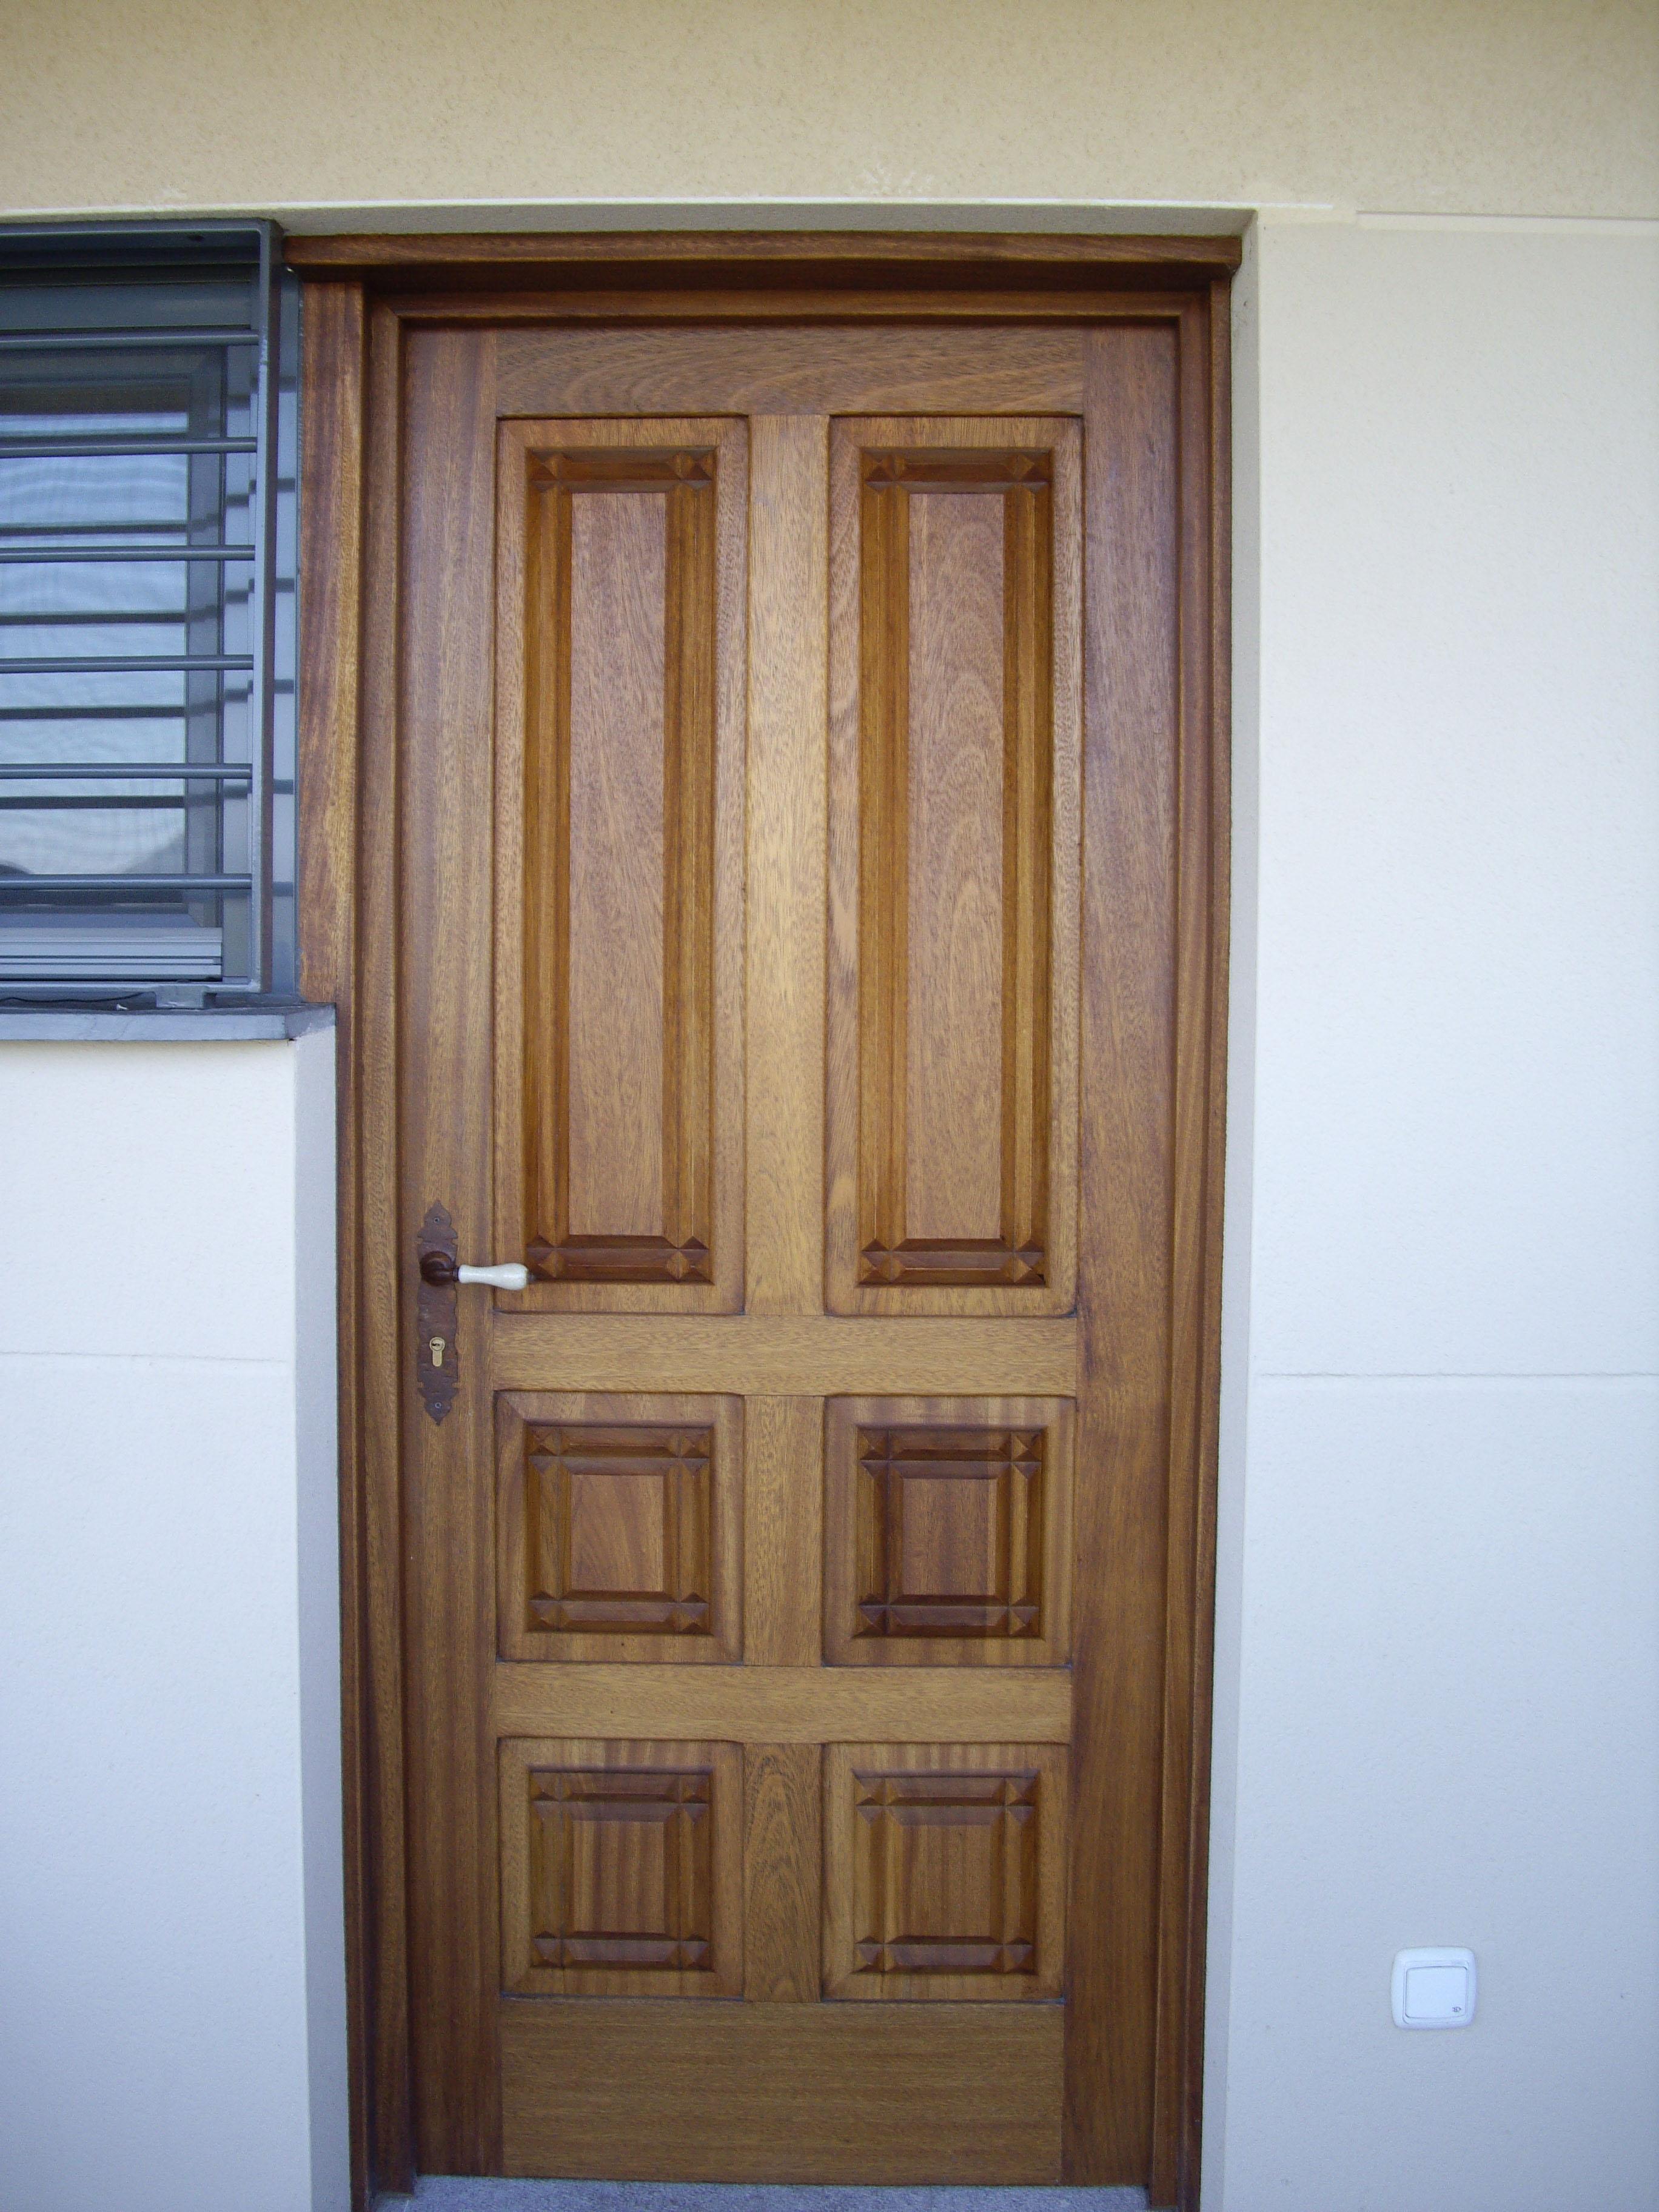 Carpinter a ebanister a g mez garc a trabajos - Puertas de madera decoradas ...